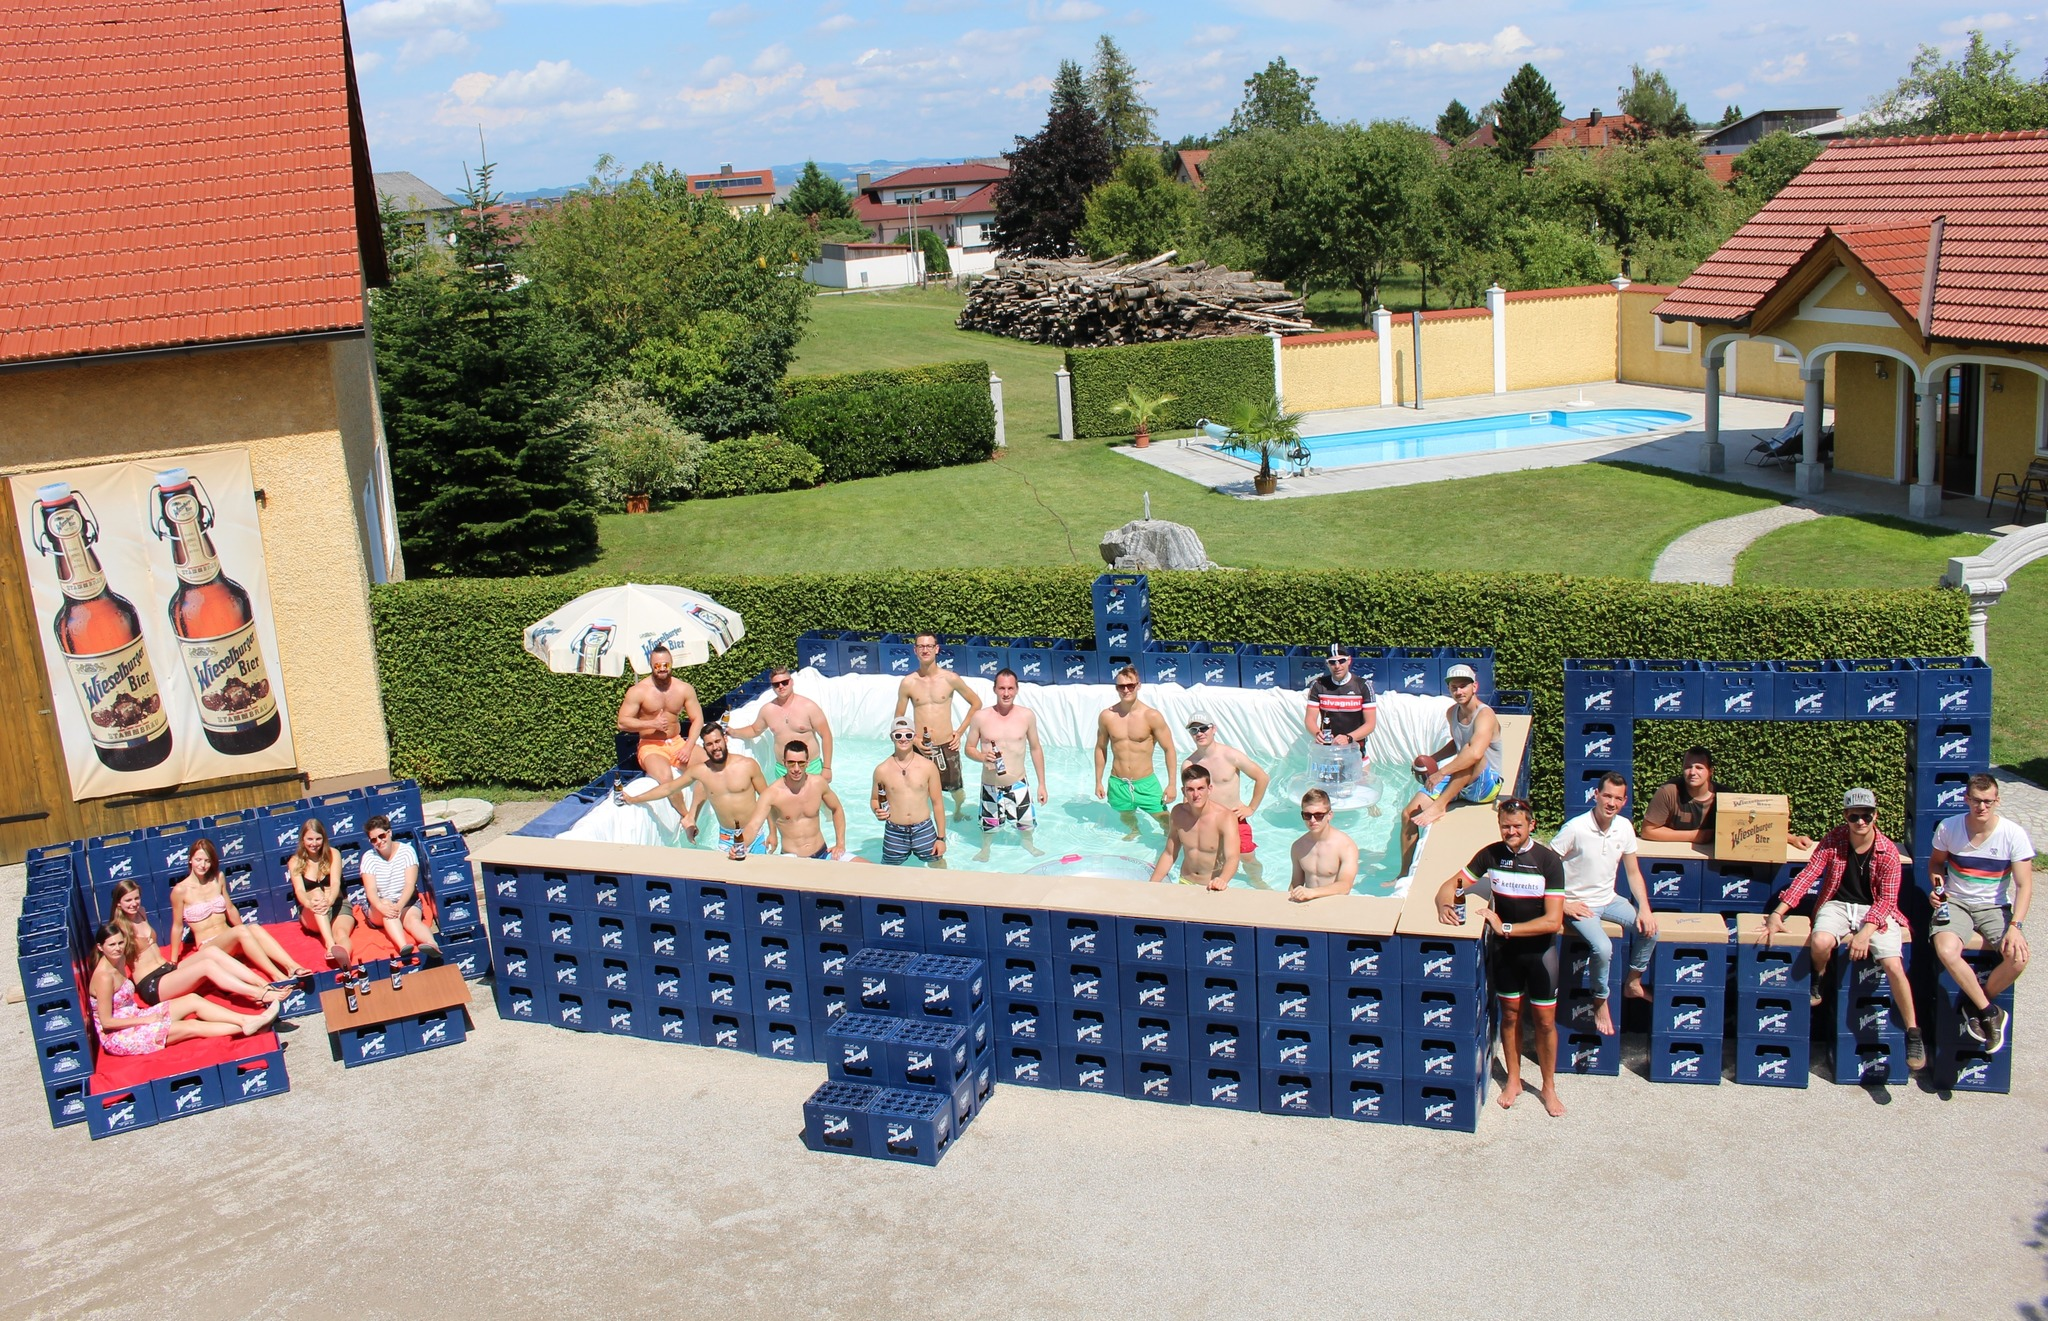 ennsdorfer bauten pool aus bierkisten - enns